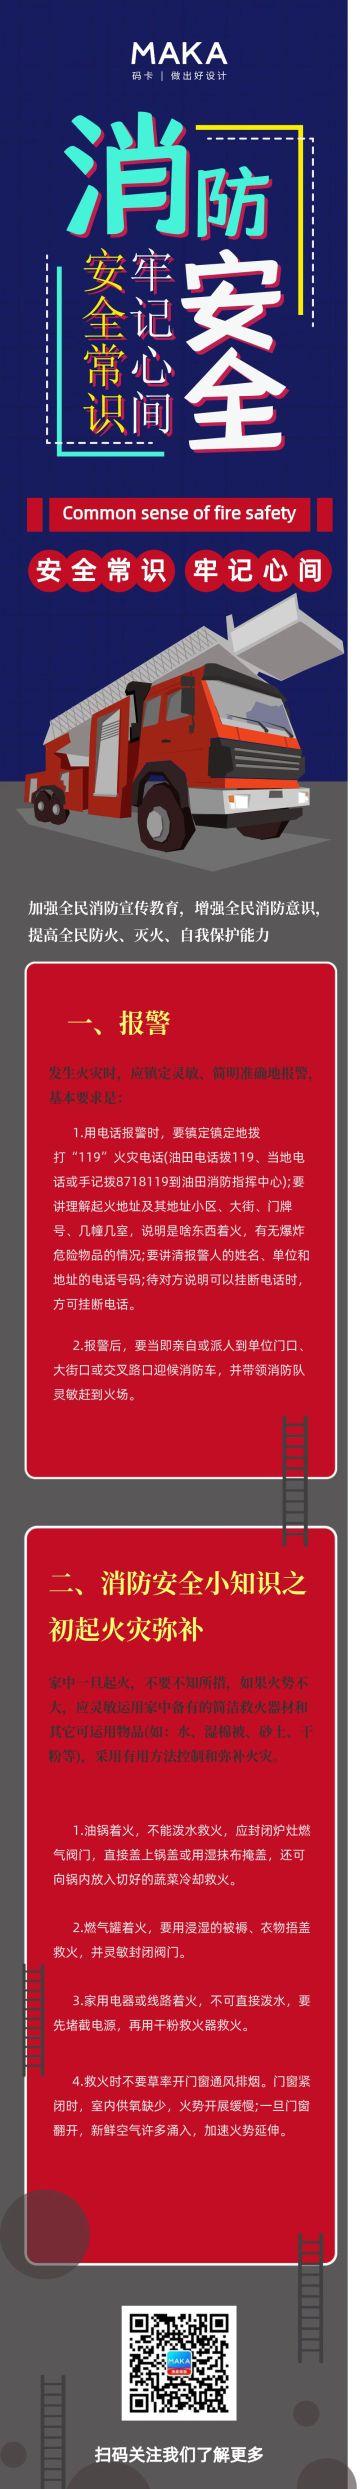 红色简约风格消防宣传日节日宣传长页